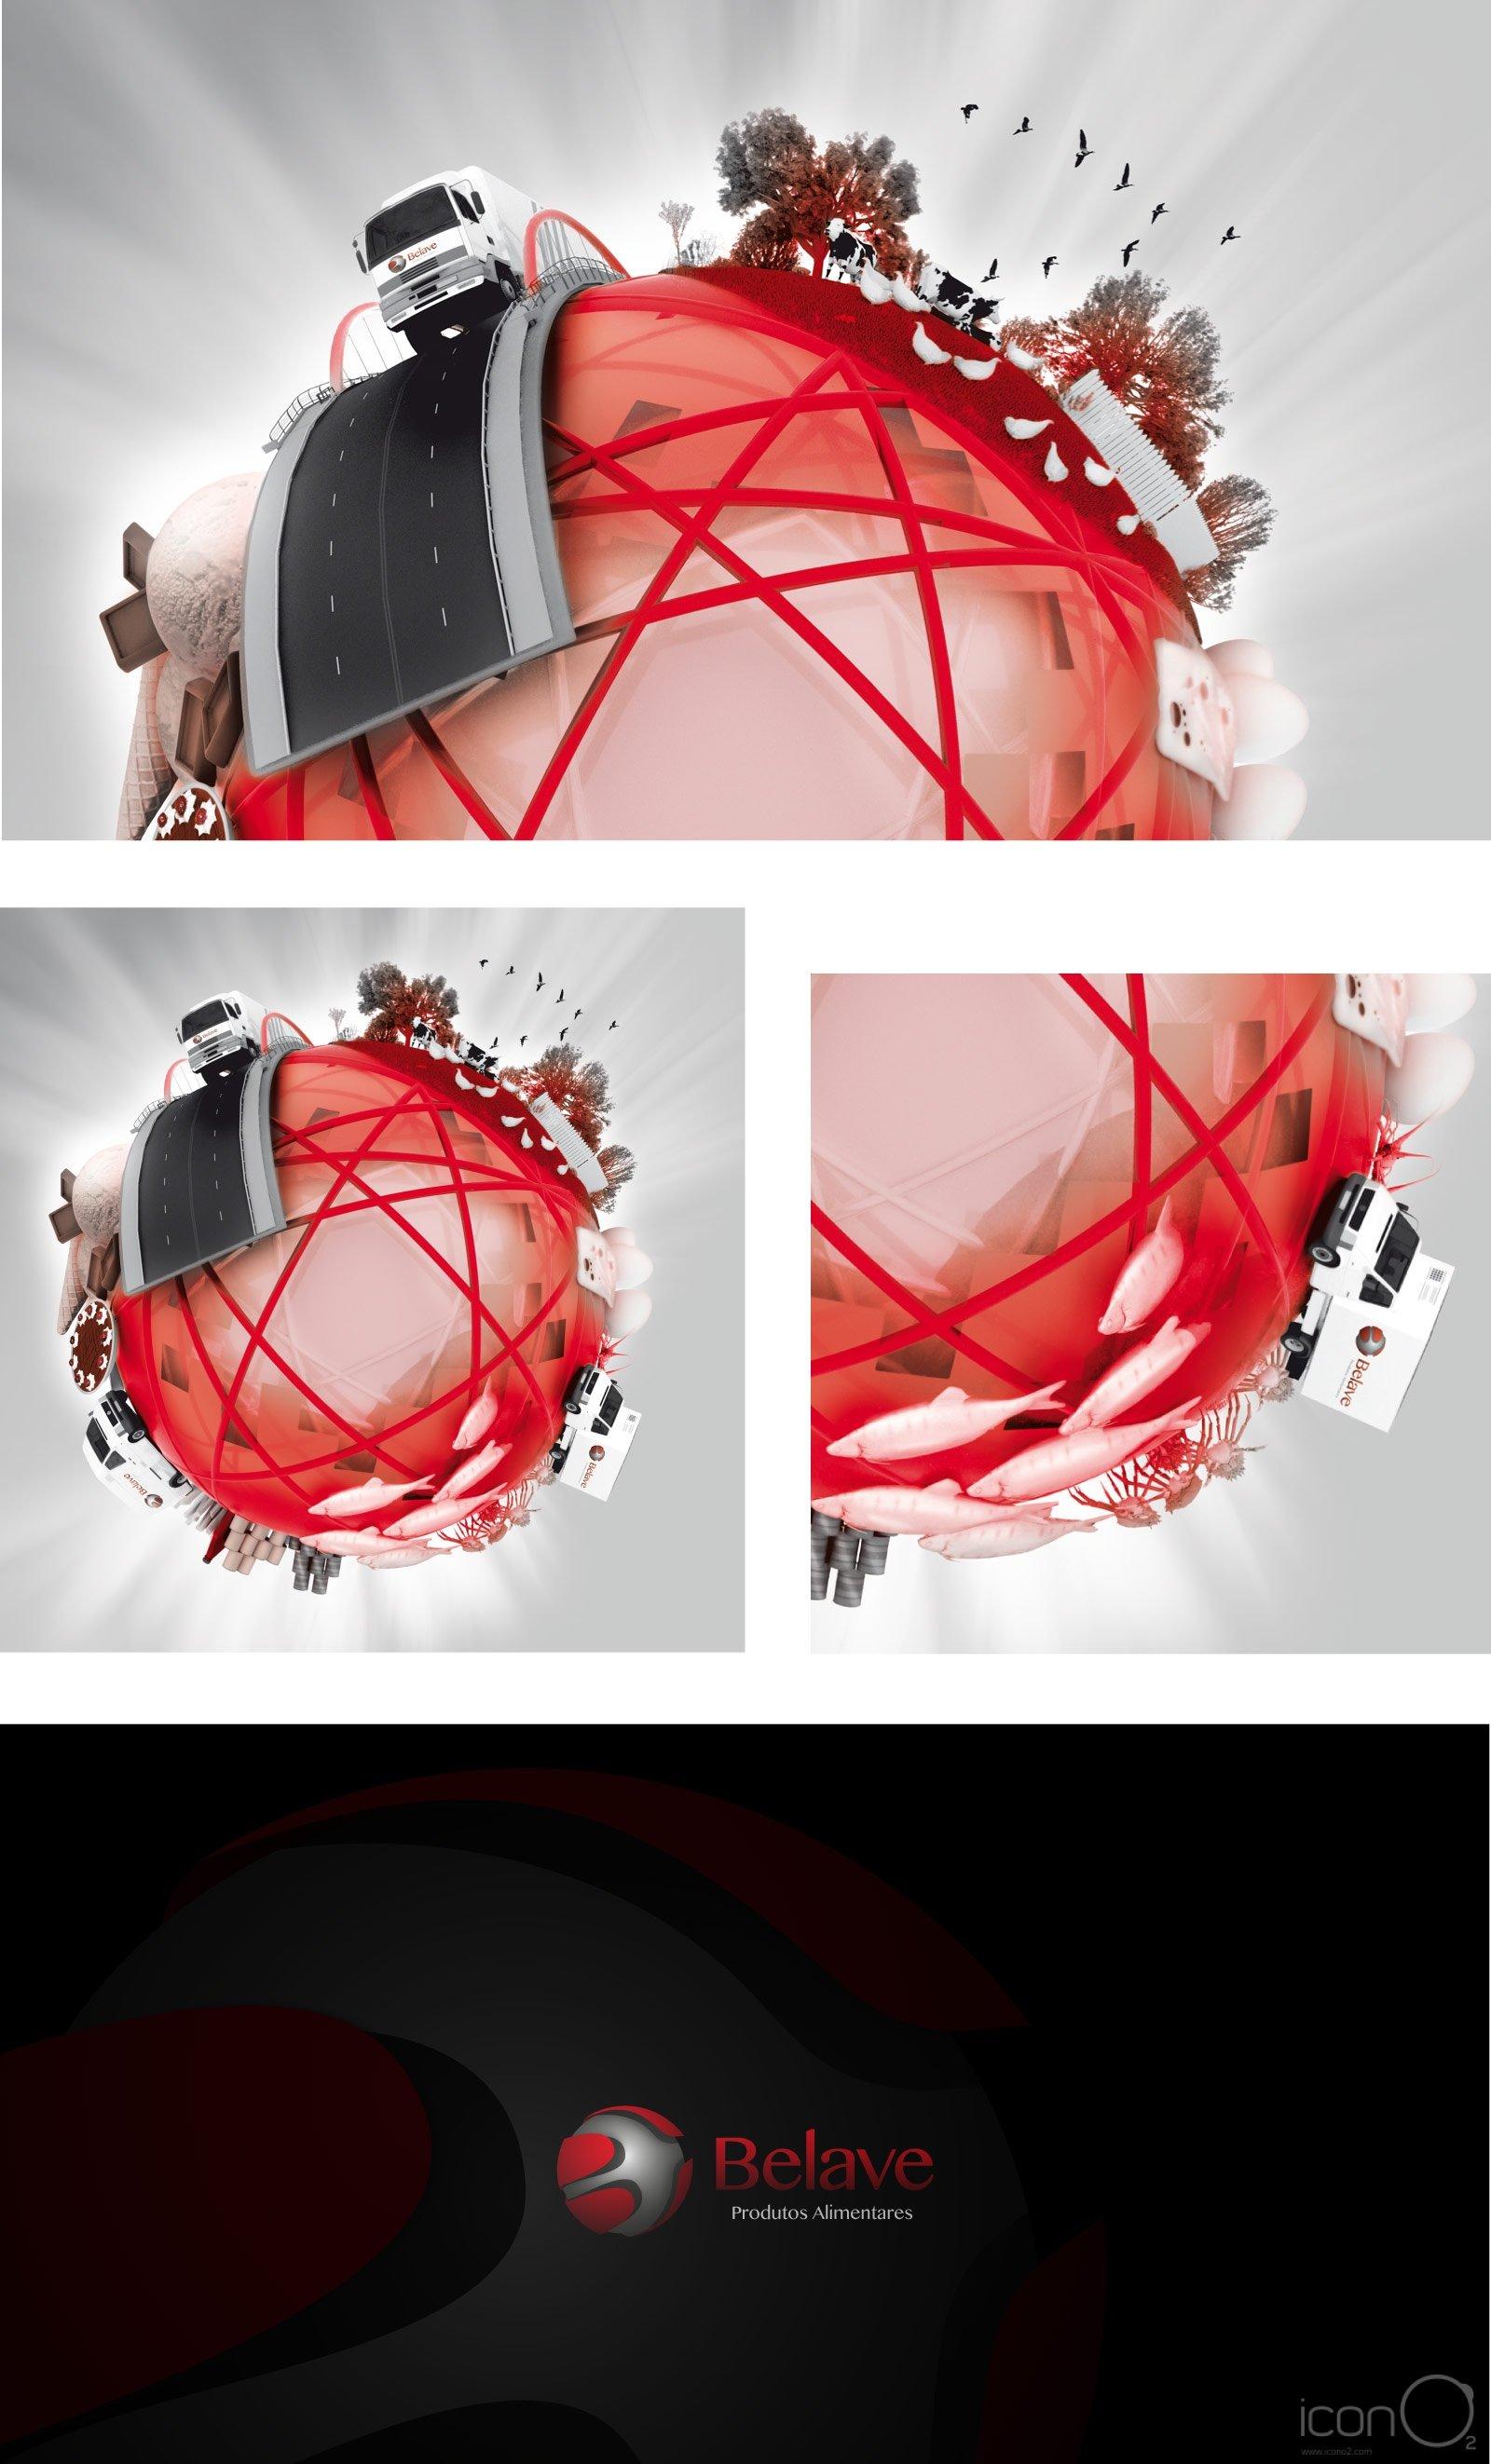 Belave 3D